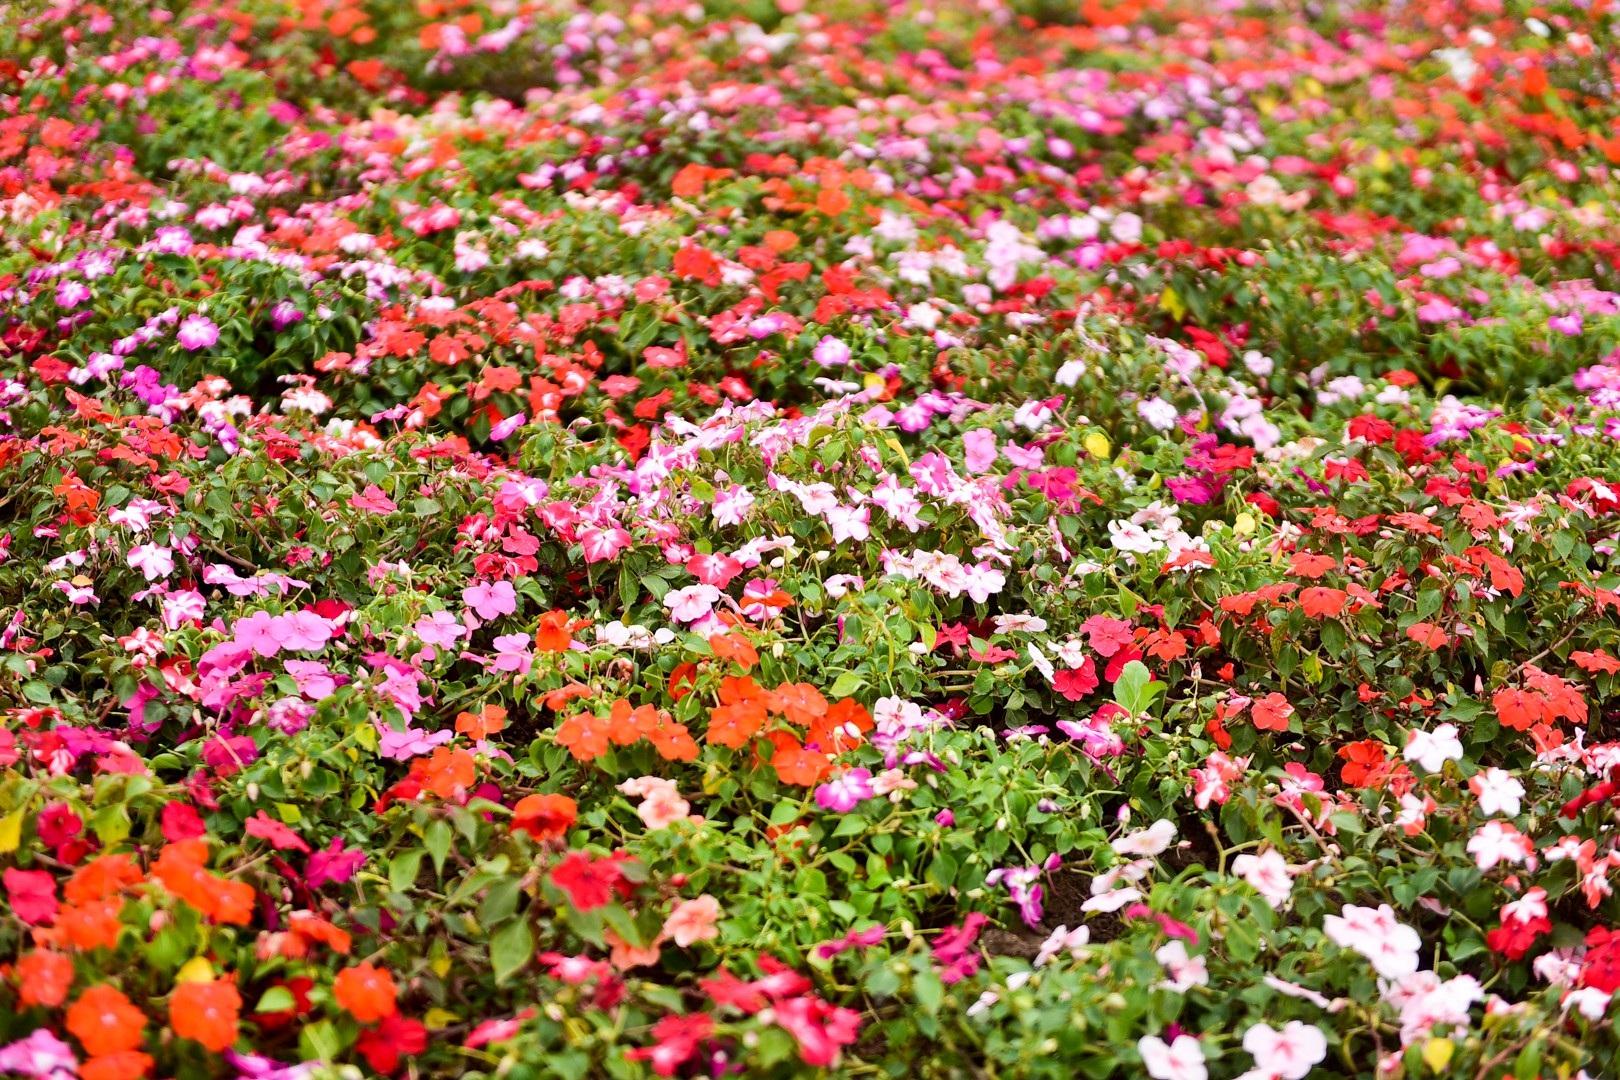 Vườn hoa hình cúp vô địch khổng lồ cổ vũ đội tuyển Việt Nam - Ảnh 5.